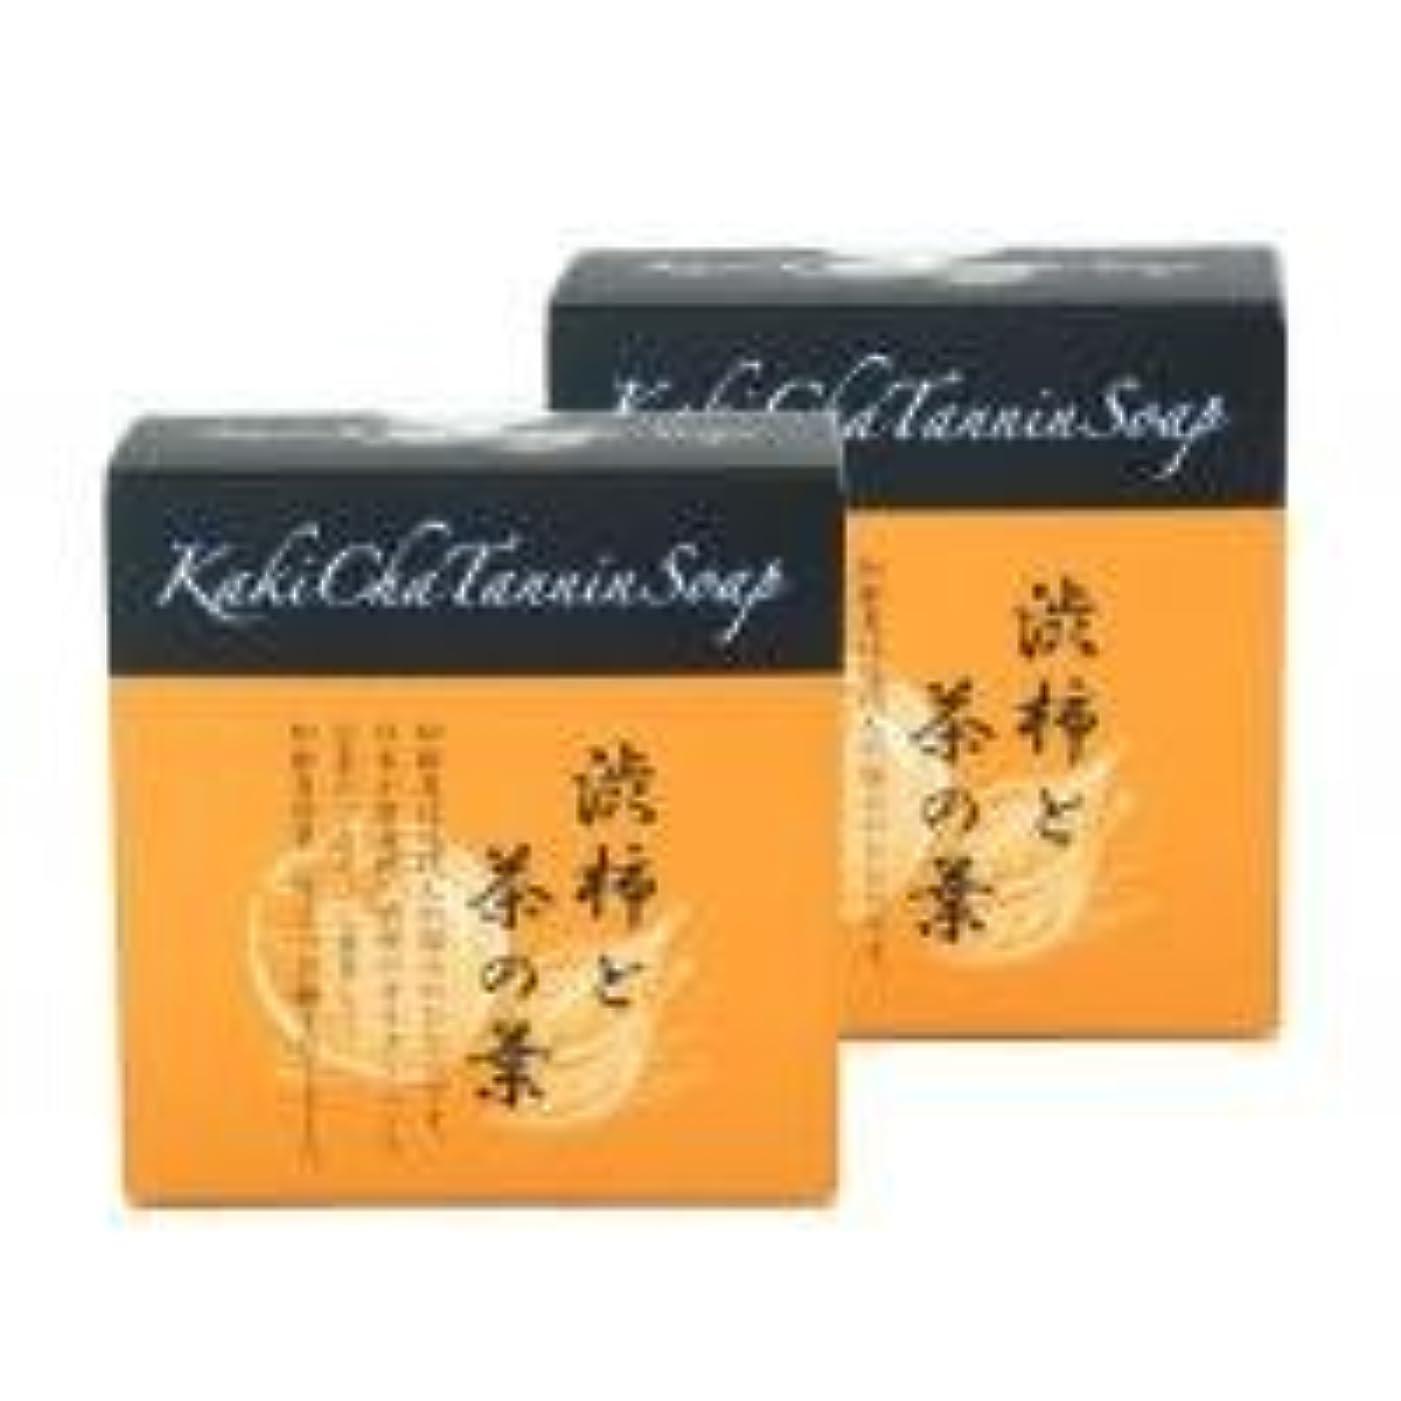 静脈道再開柿茶タンニンソープ(100g)×2個 K00024W